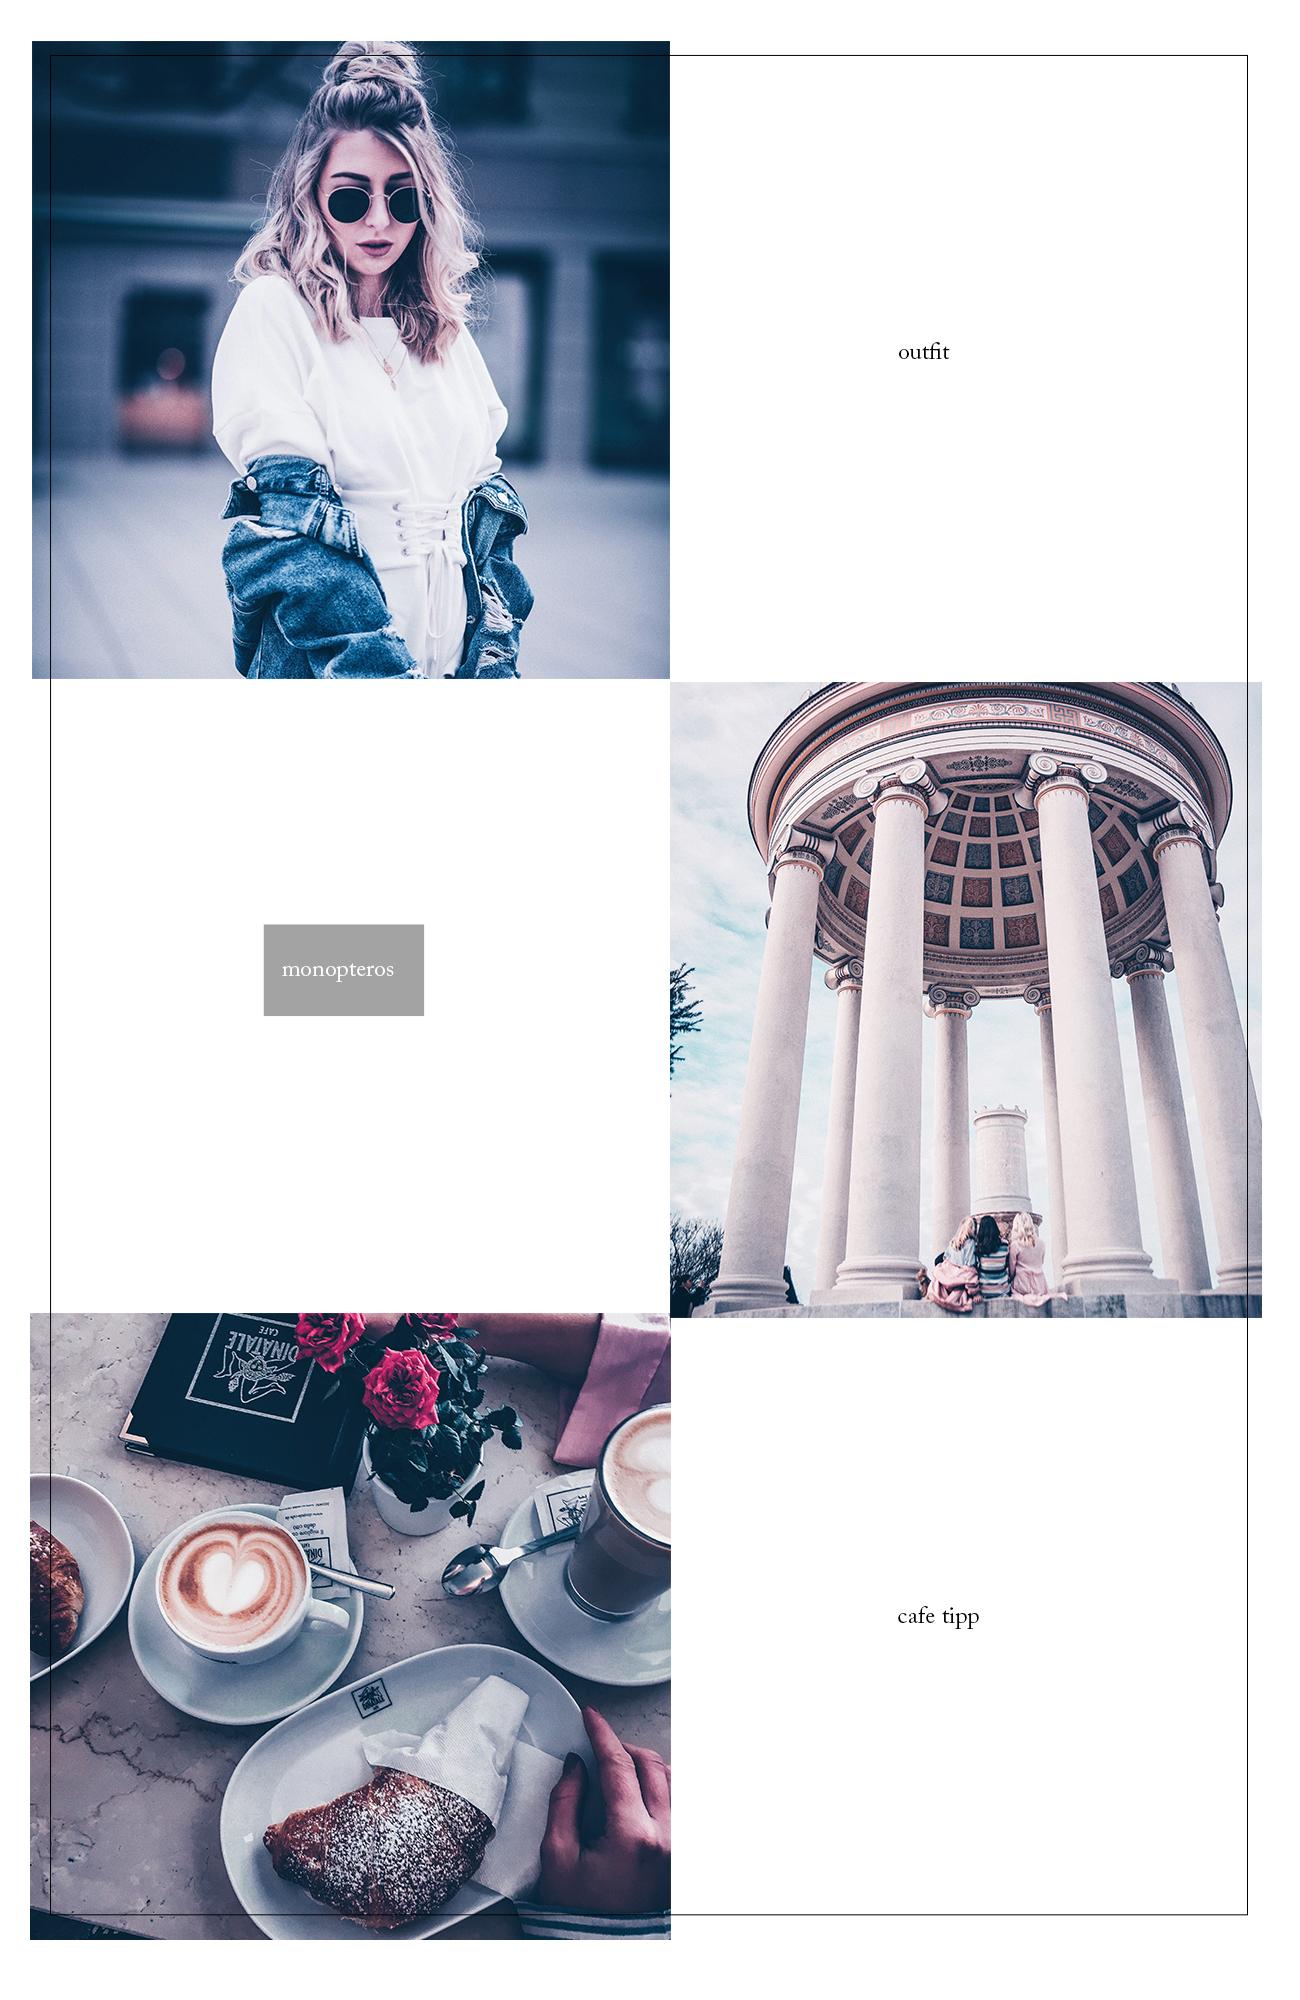 seeitall München monopteros englischer garten cafe dinatale lifestyle blog